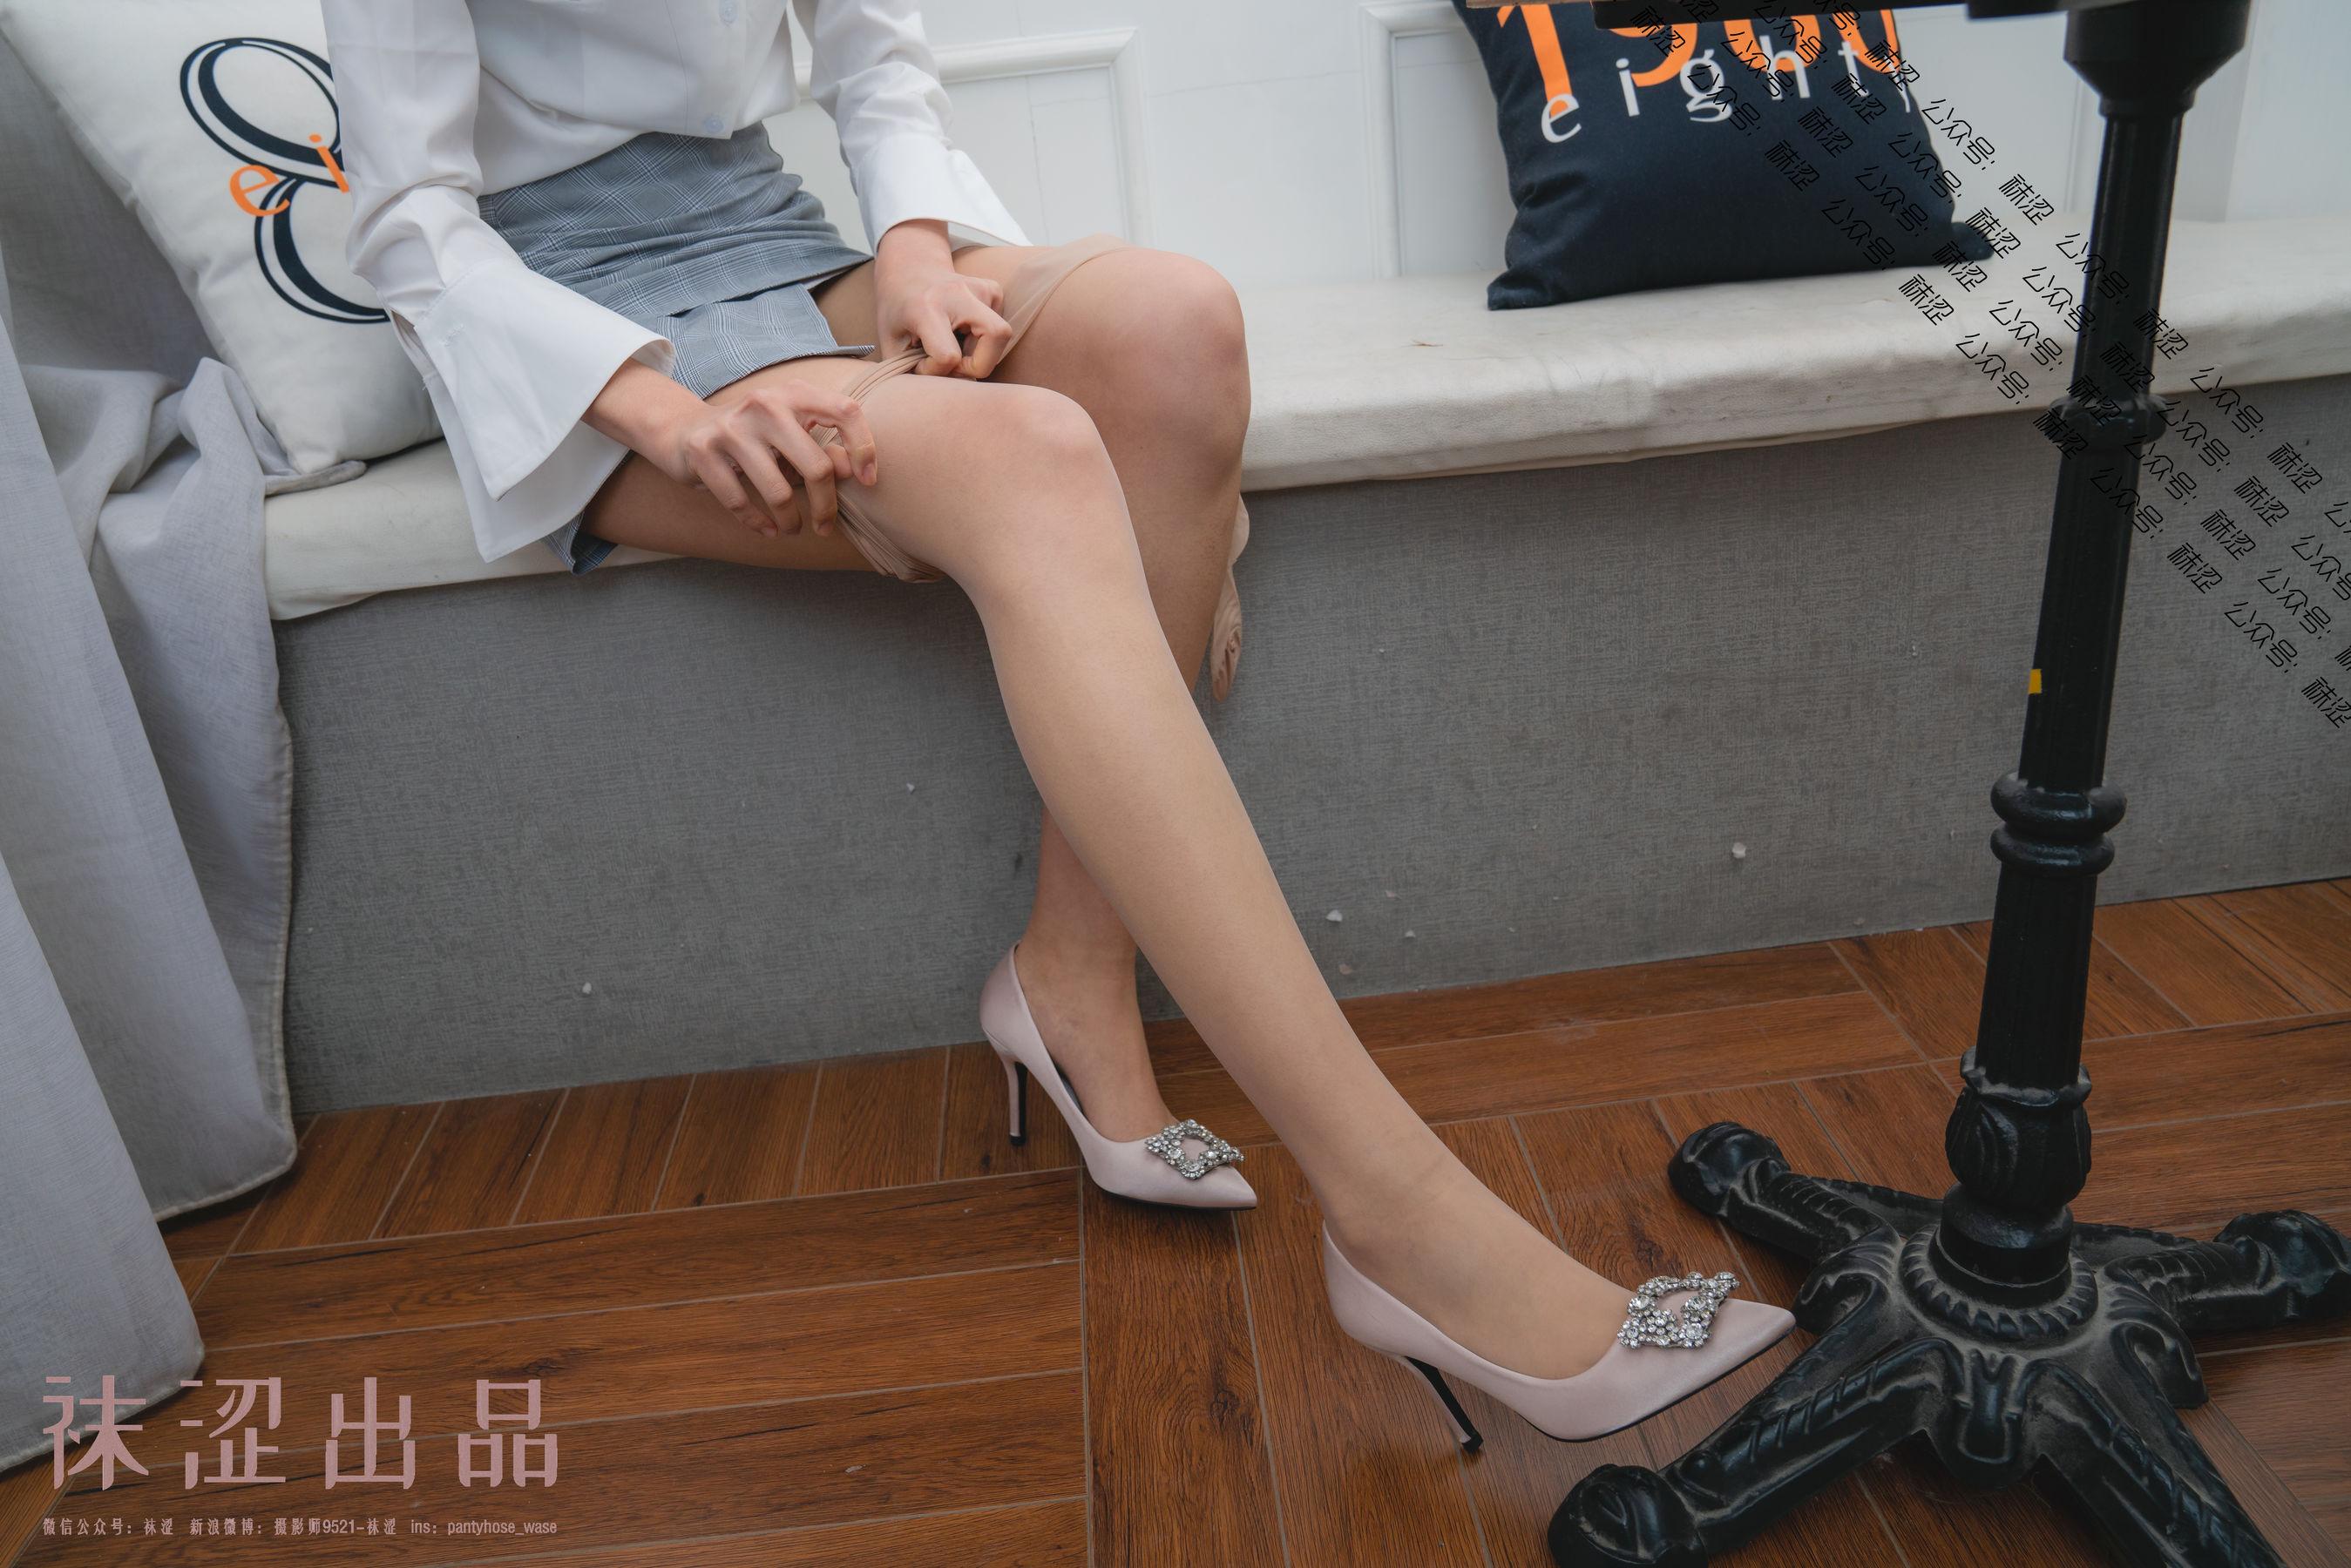 [袜涩]乐乐VOL.049超高清写真大图片(55P)|340热度